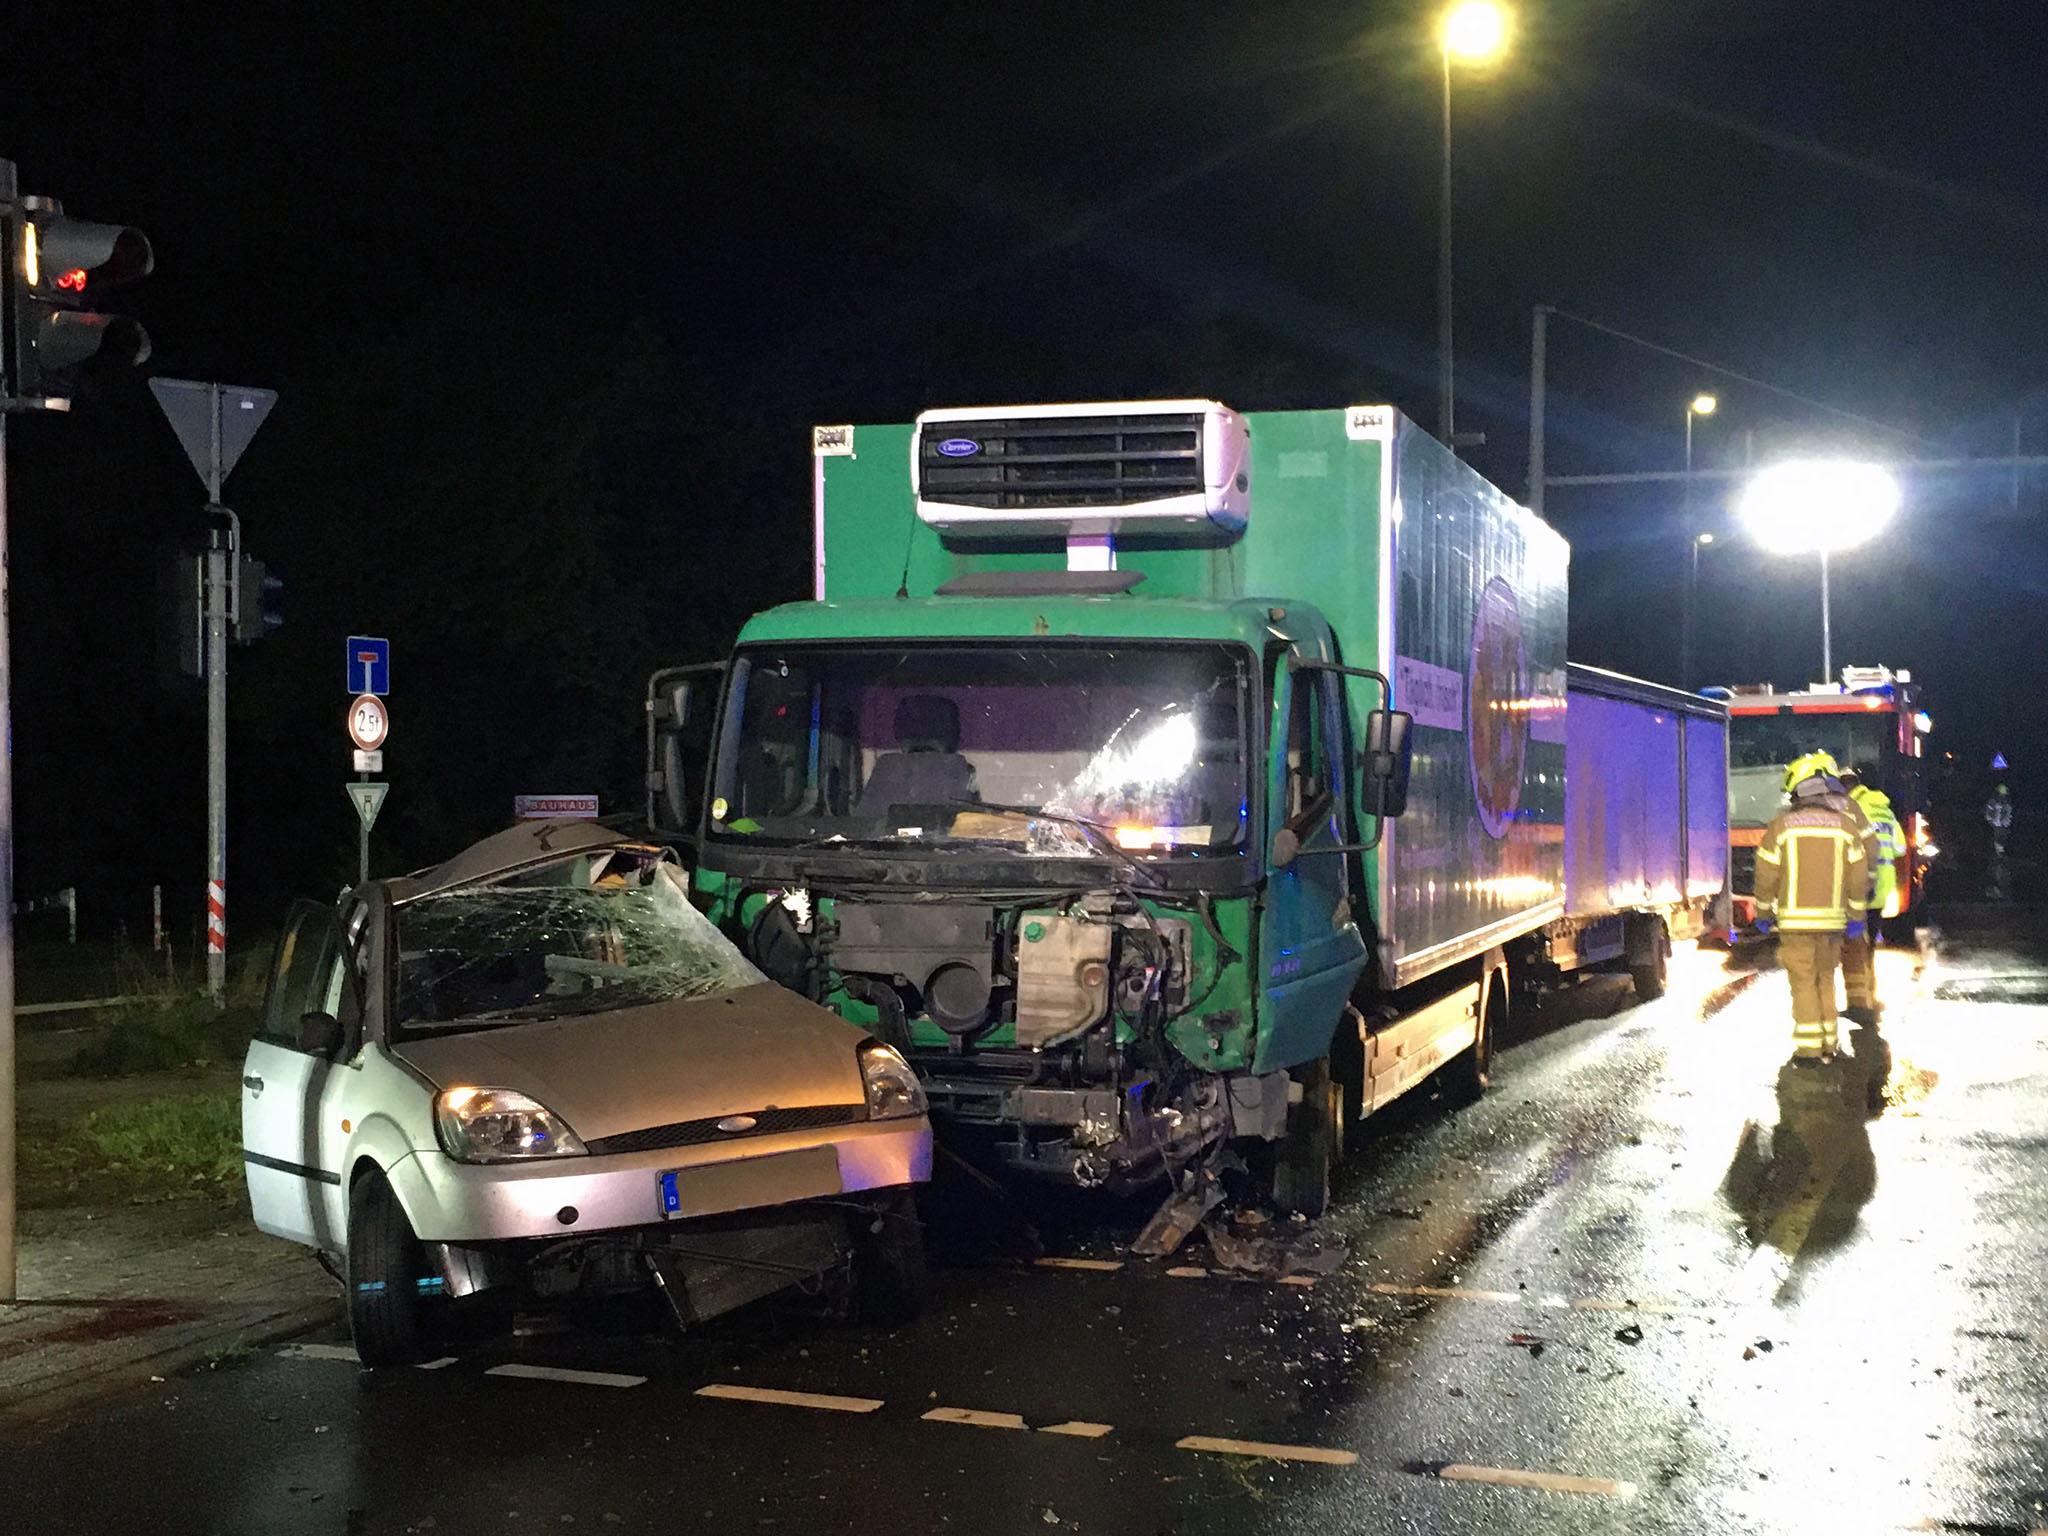 Verkehrsunfall an dem ein LKW und ein PKW beteiligt waren.